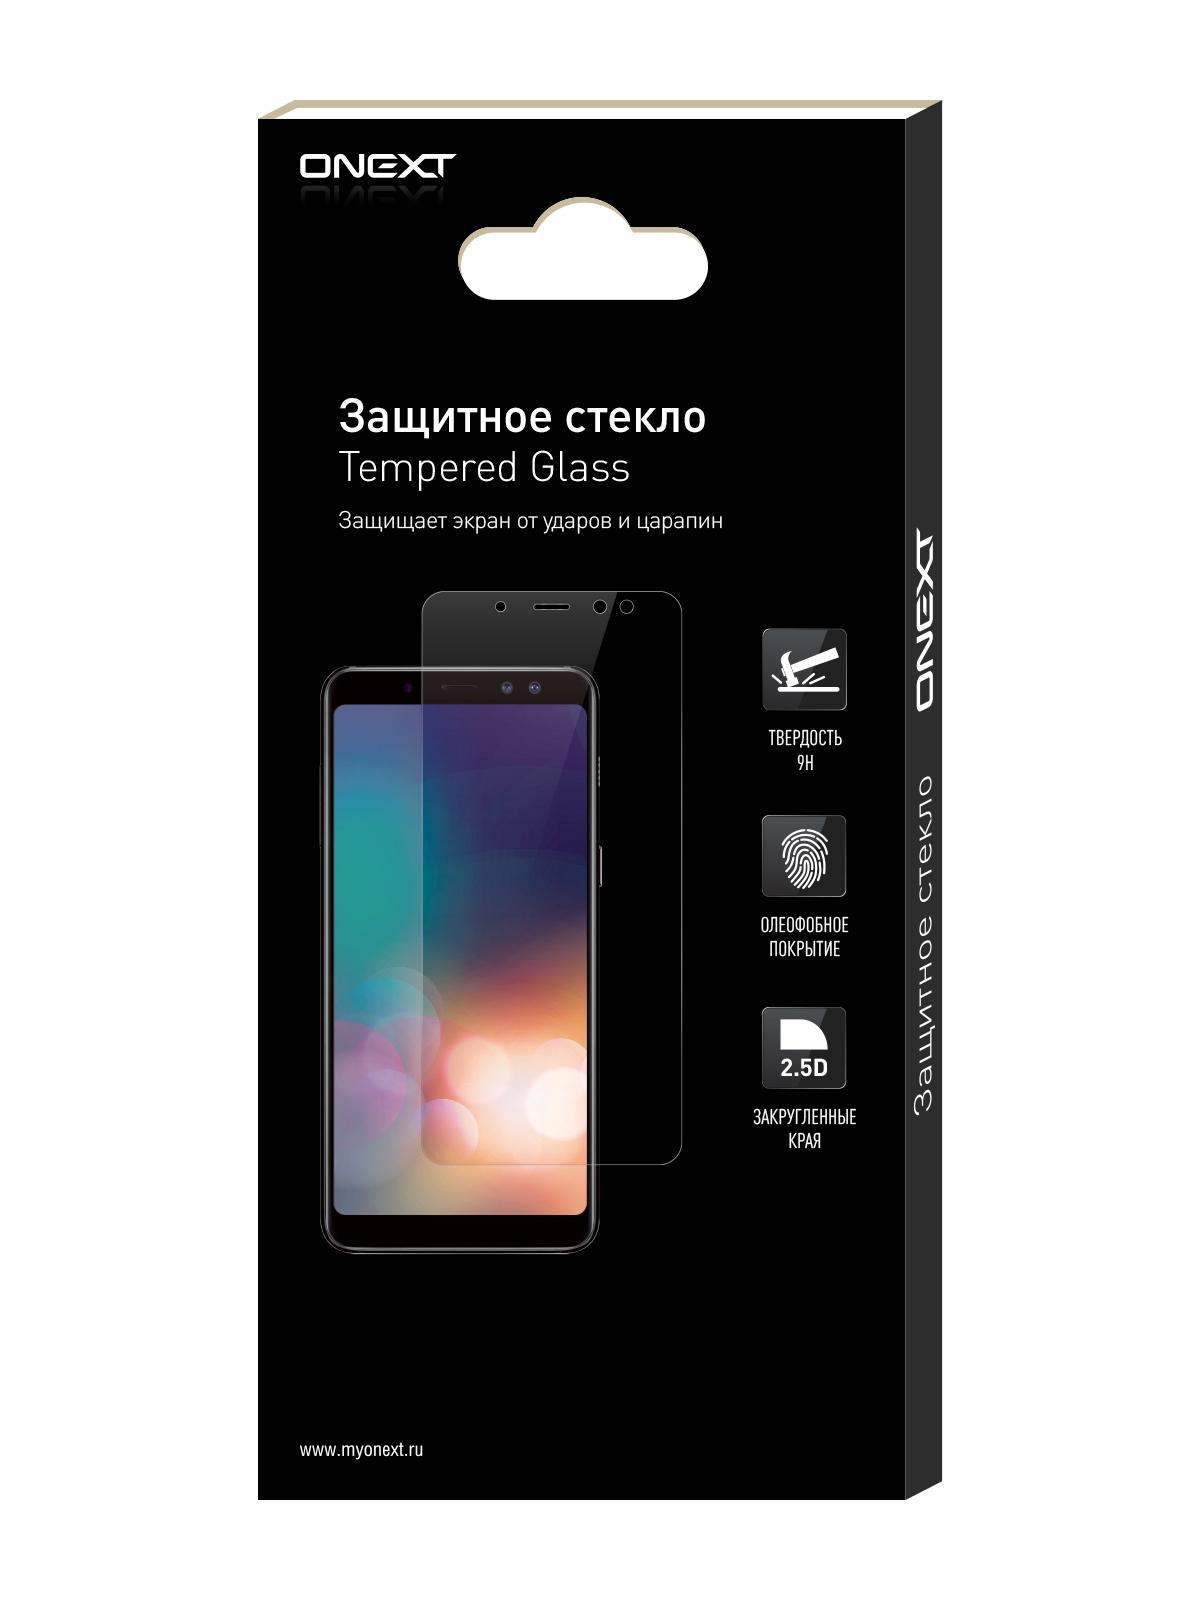 Защитное стекло ONEXT iPhone 6/6S Plus антибликовое